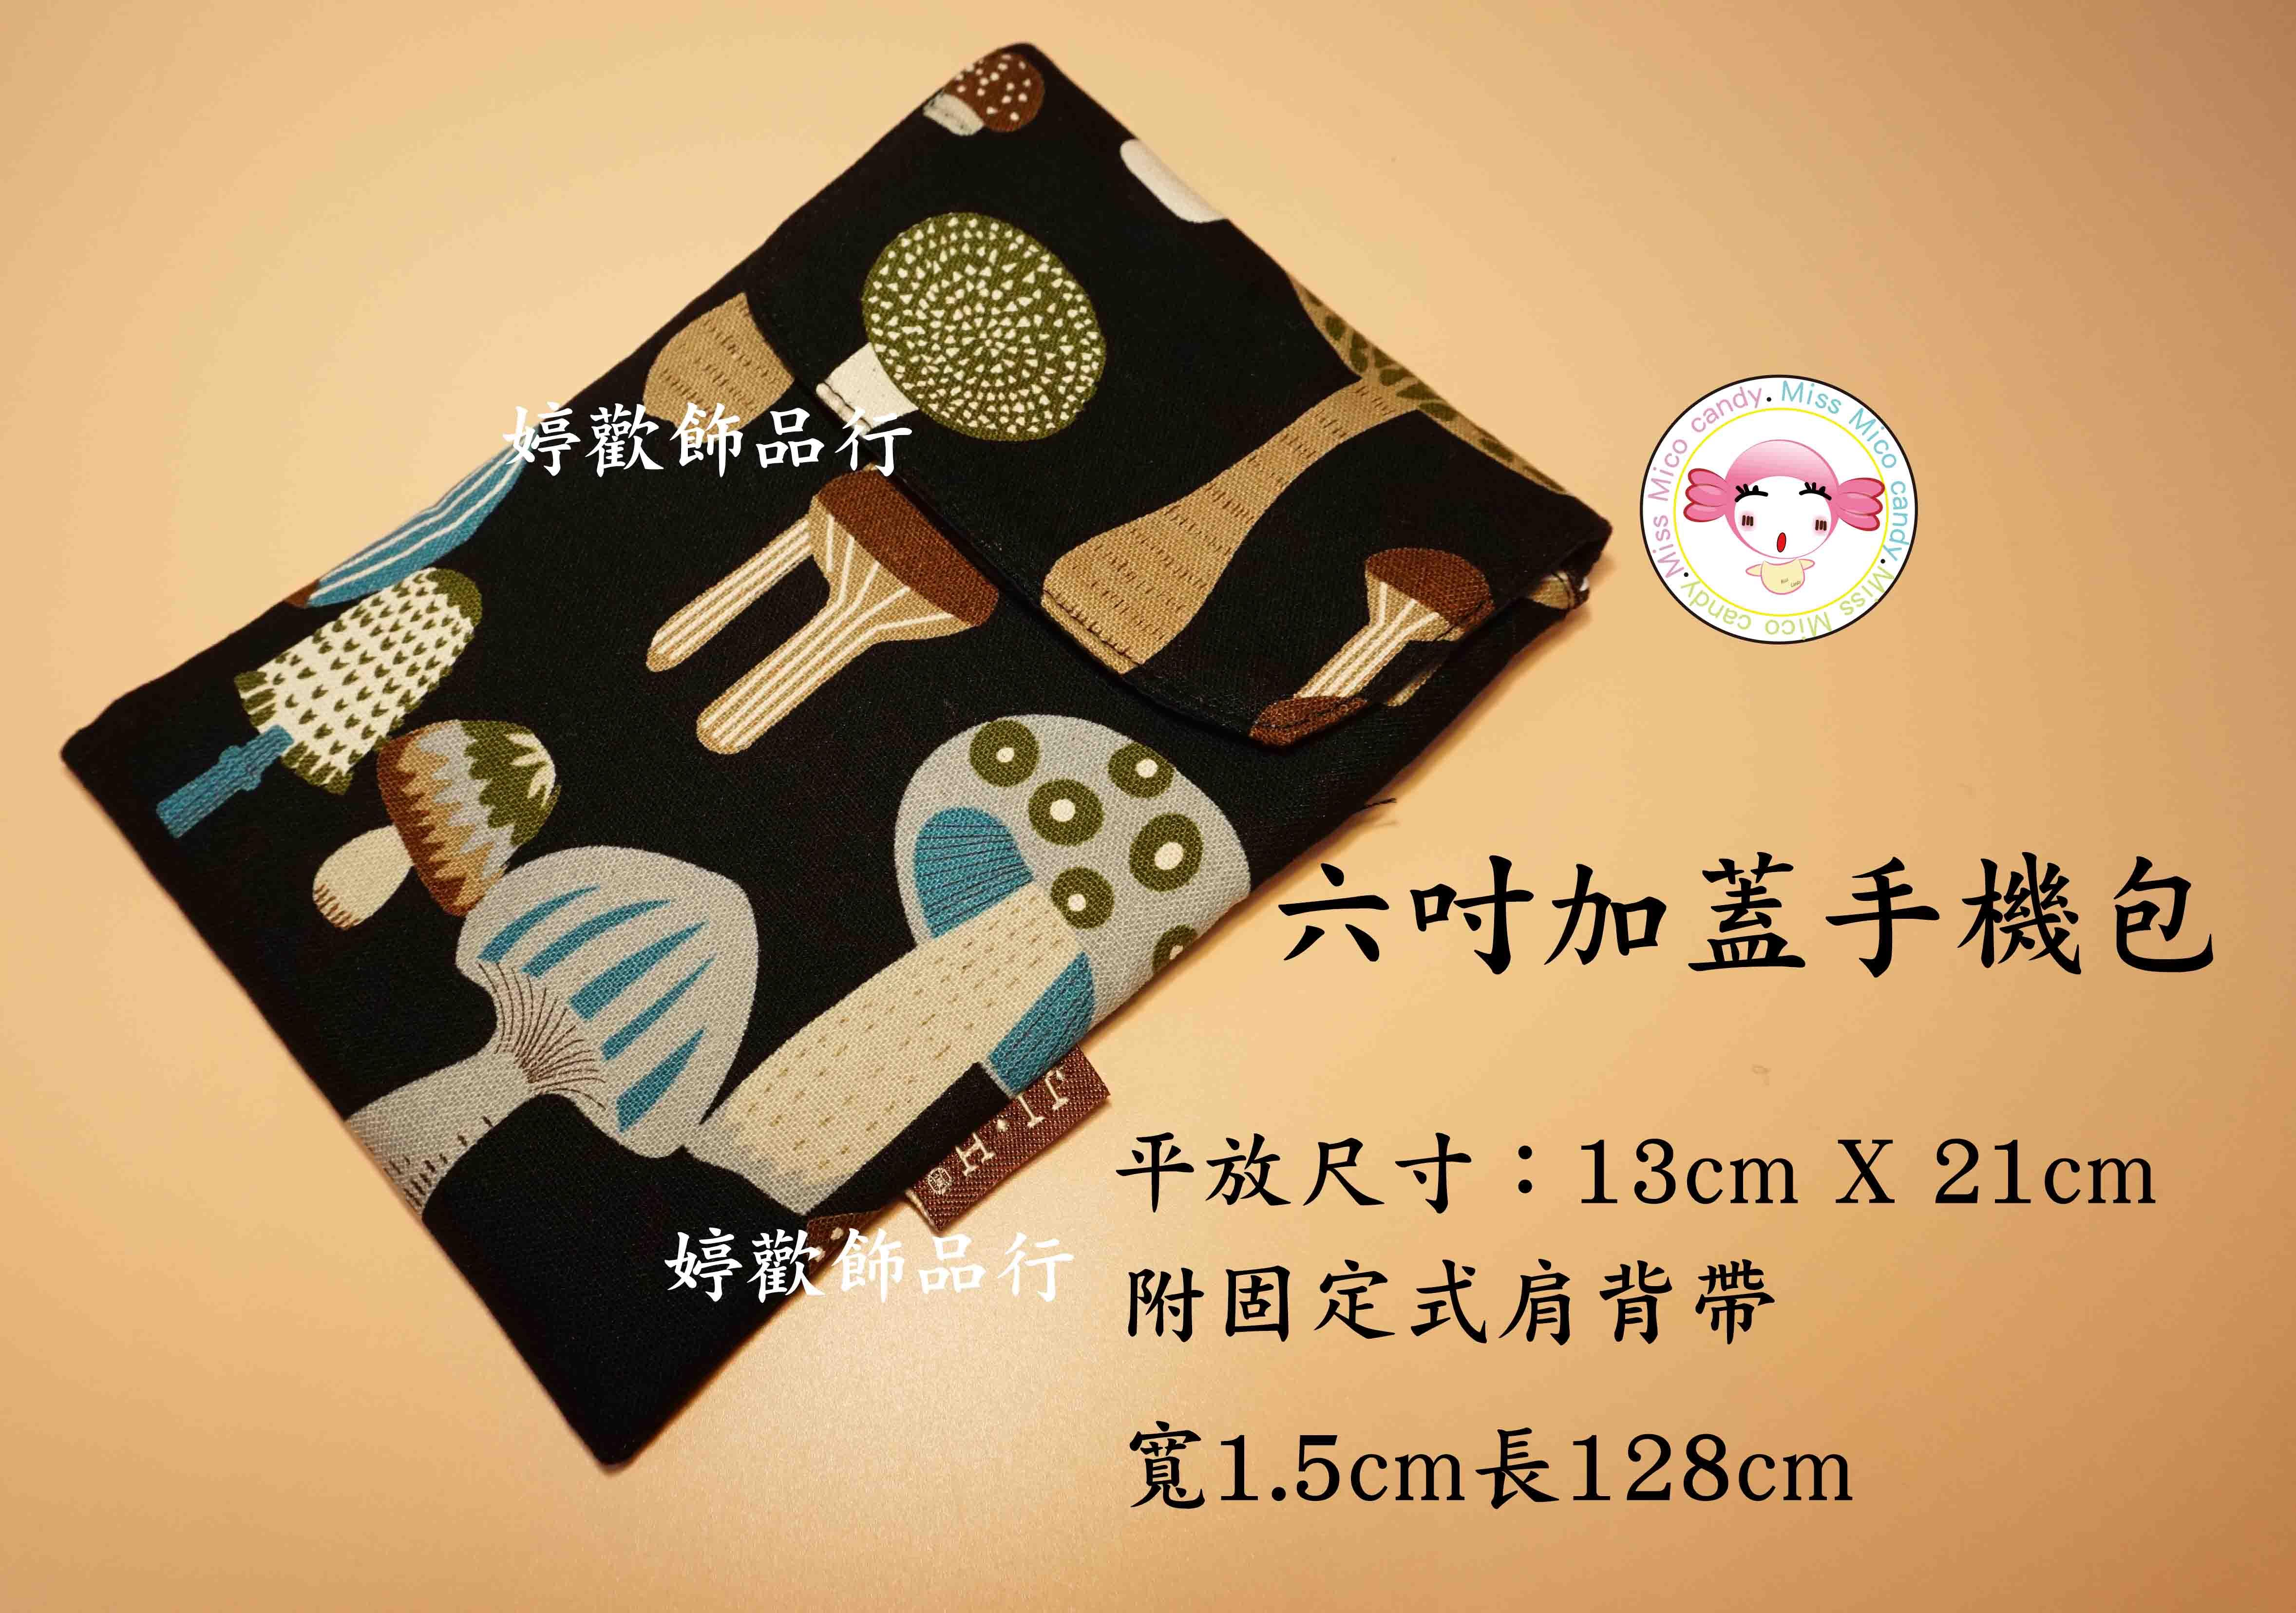 6吋加蓋側背手機袋  相機包『casio zr. sony. Iphone . HTC . Samsung . 小米機』/可愛圓香菇